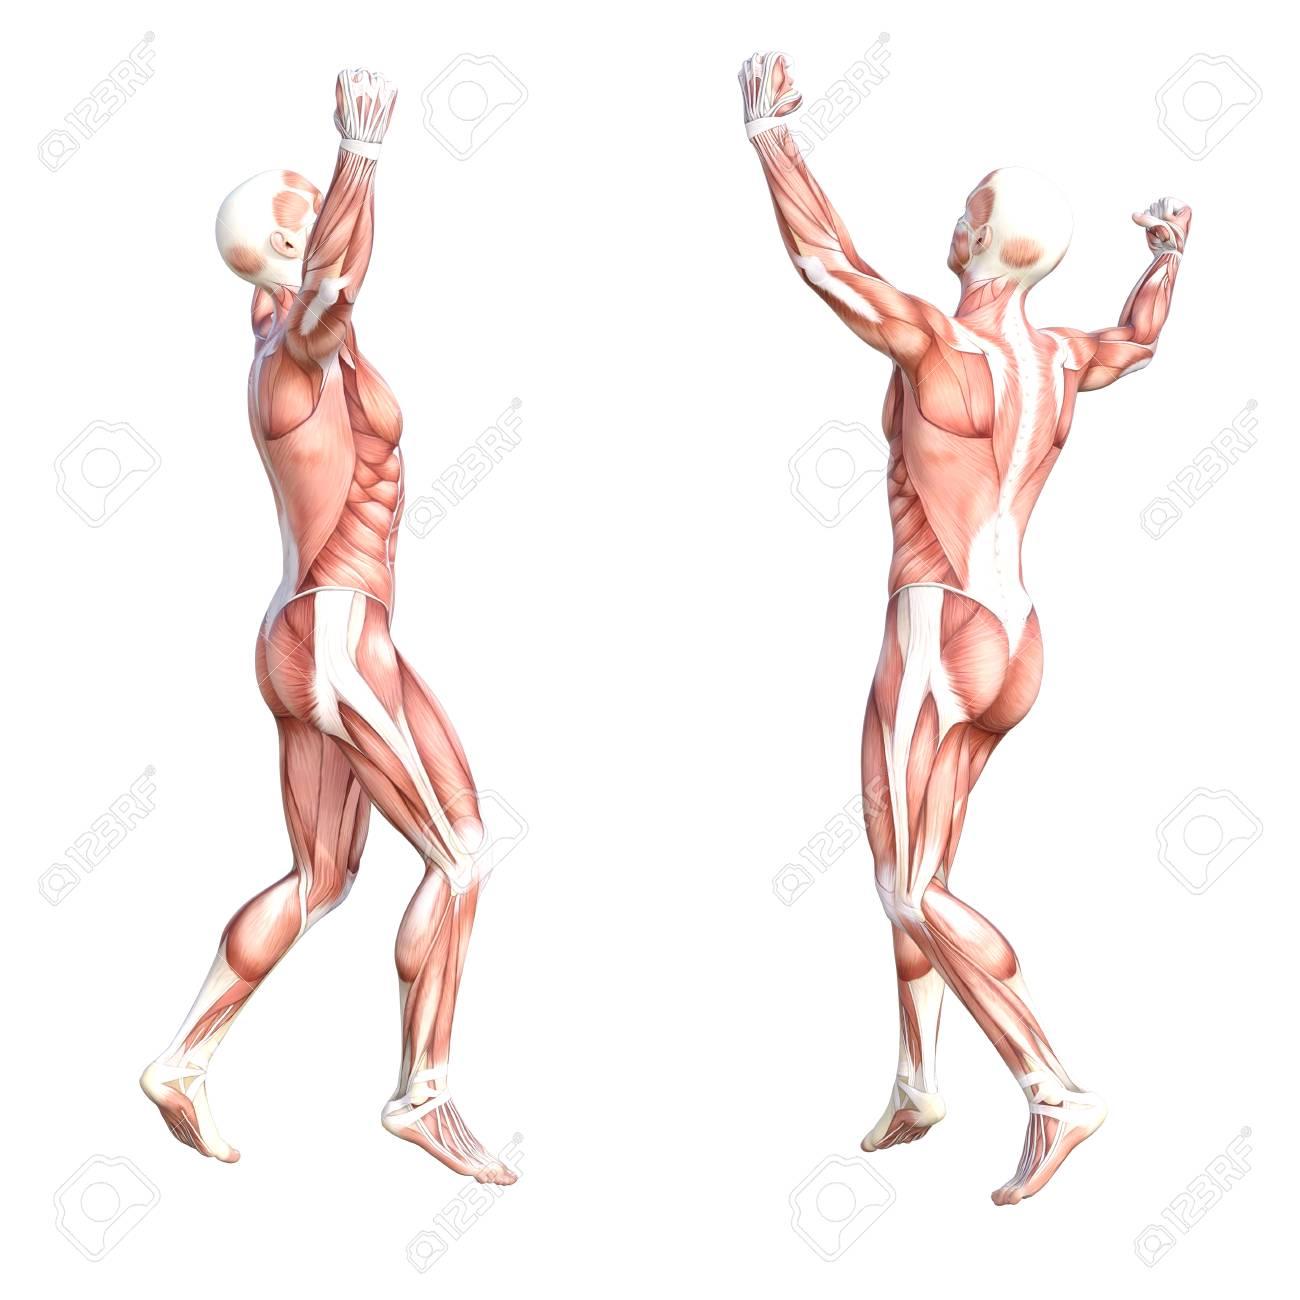 Berühmt Muskelsystem Zusammenfassung Bilder - Menschliche Anatomie ...